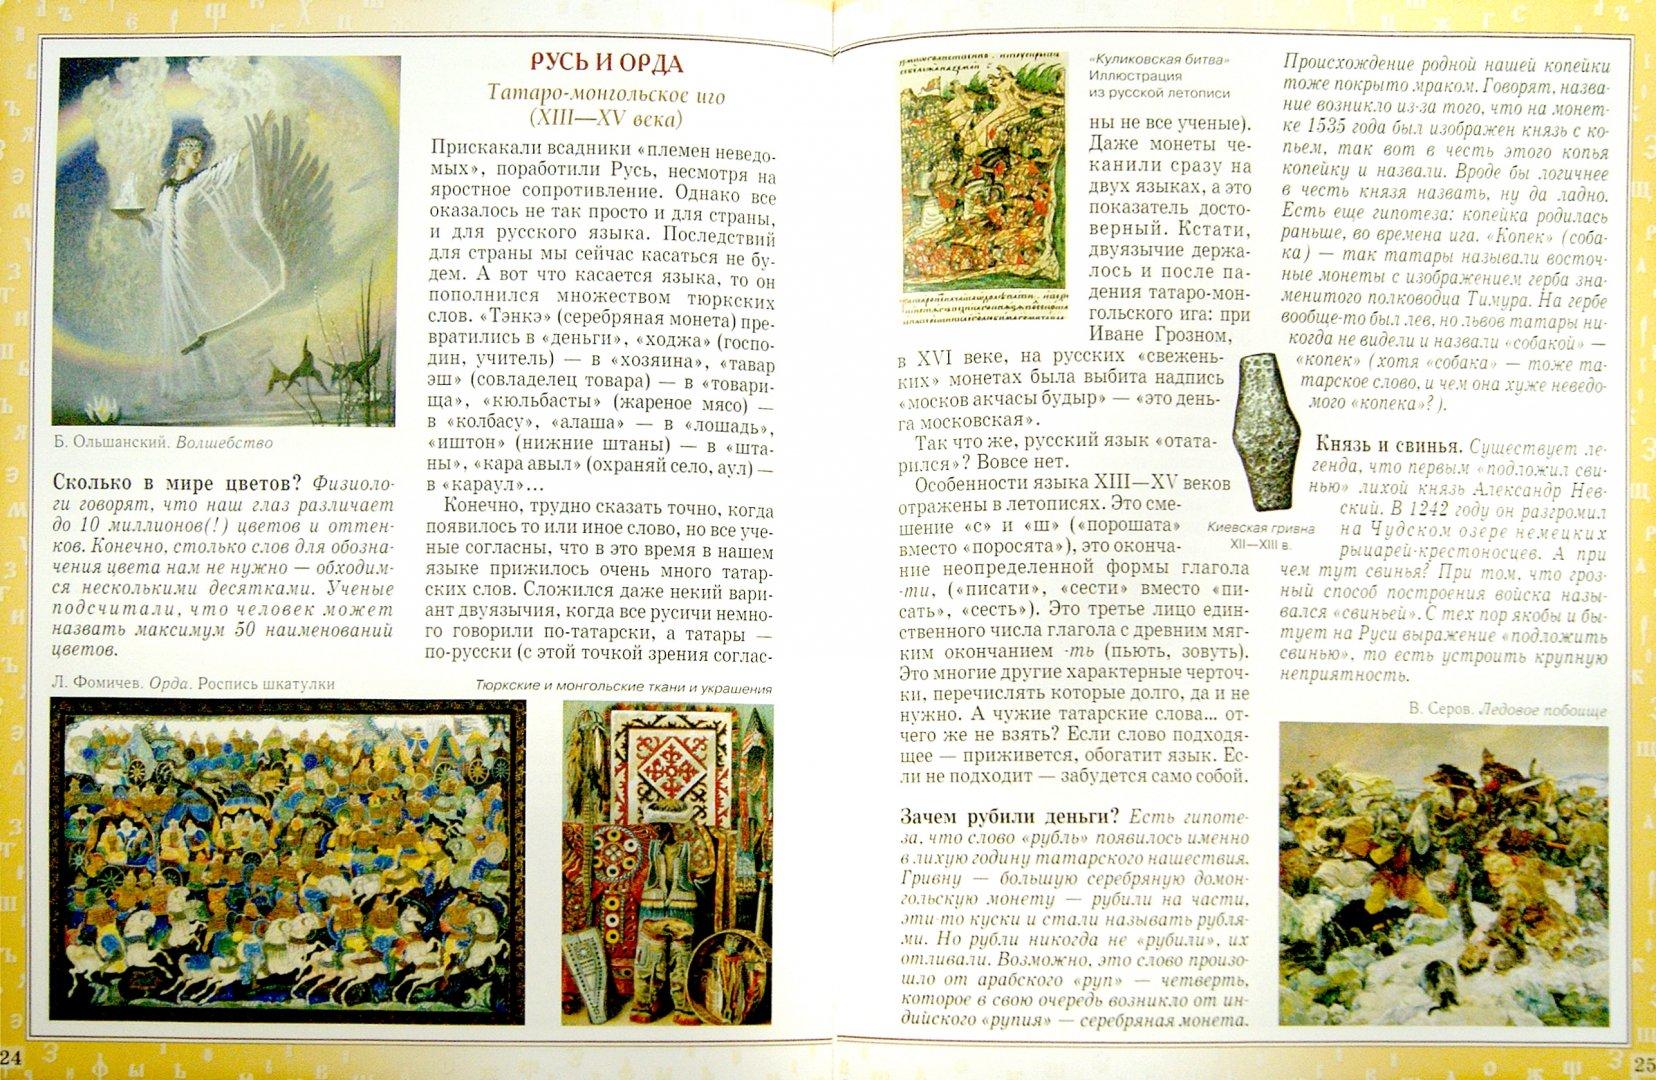 Иллюстрация 1 из 12 для Русский язык. Страницы истории - Светлана Лаврова | Лабиринт - книги. Источник: Лабиринт